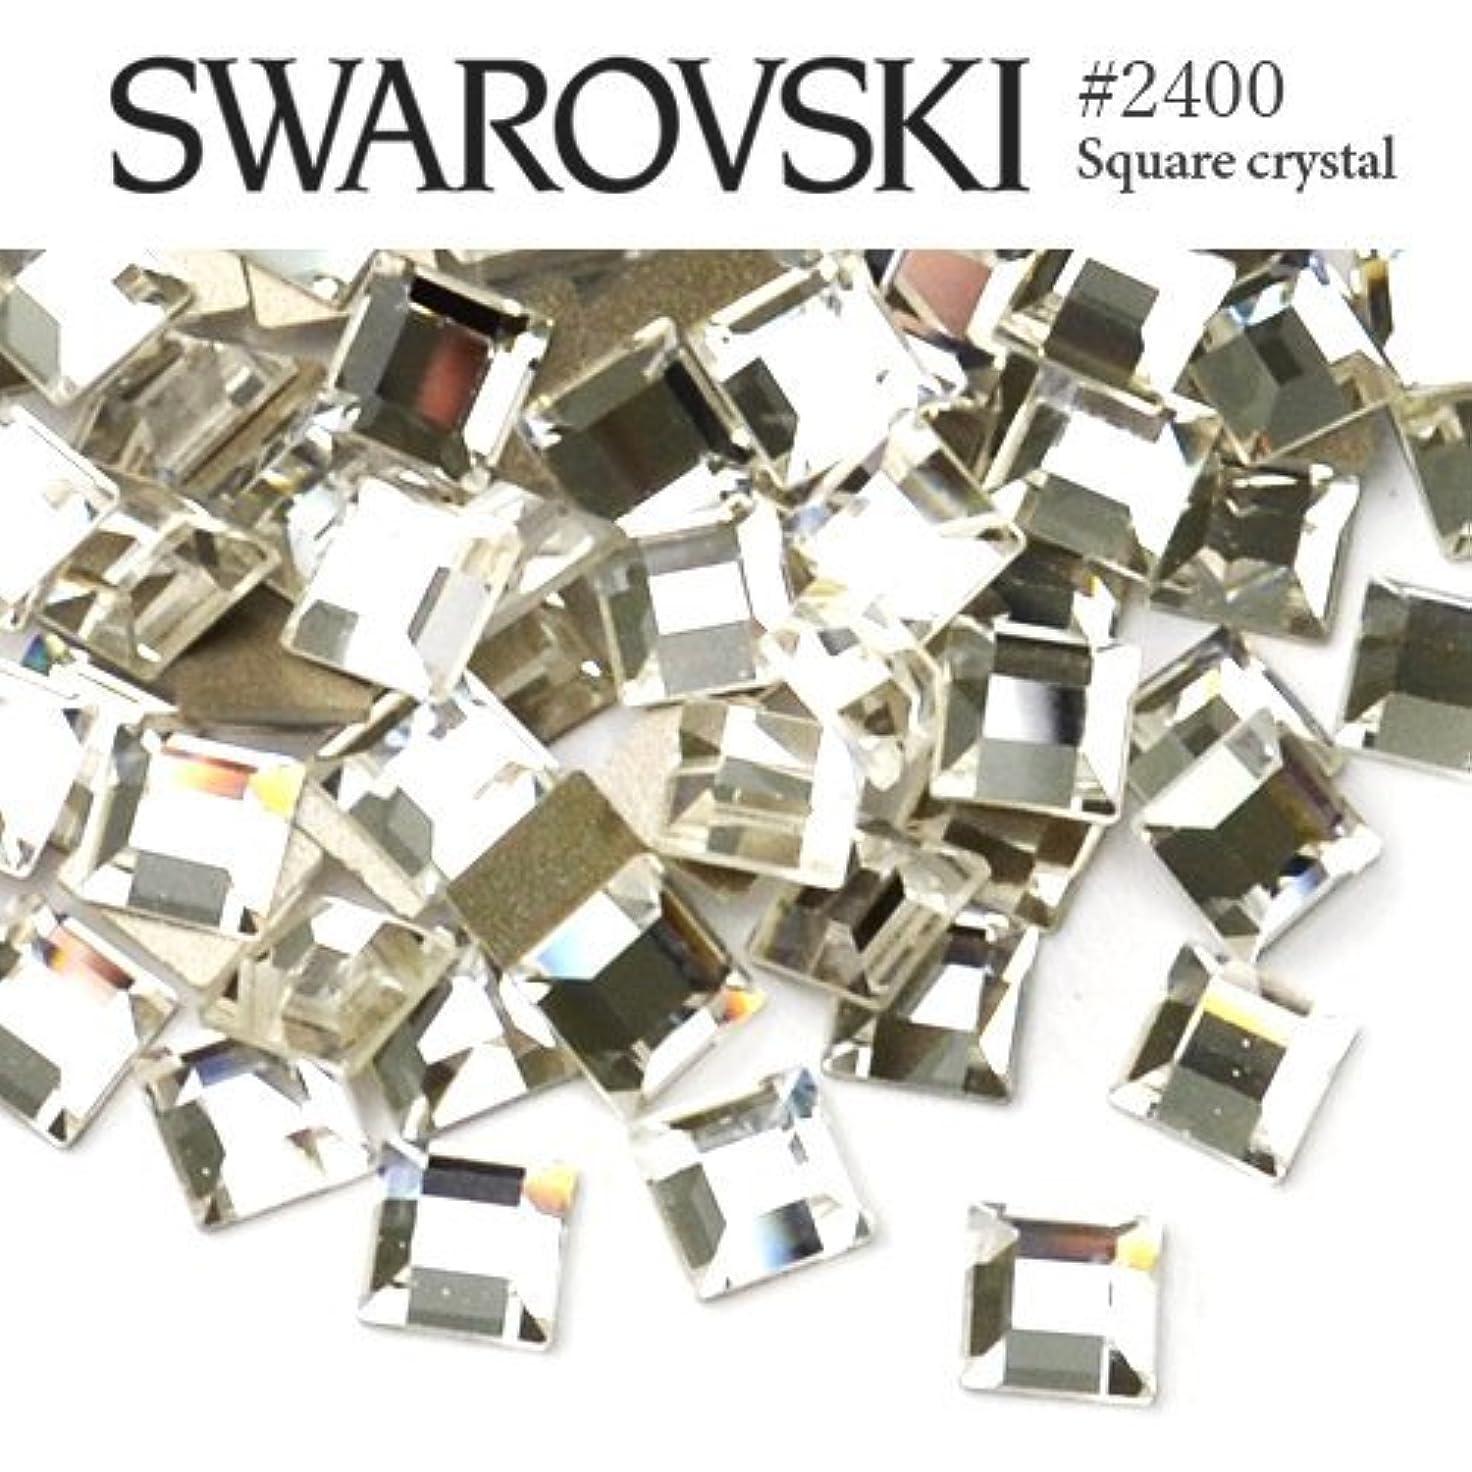 かすかなたくさんの家事をする#2400 スクエア (正方形) [クリスタル] 6mm 10粒入り スワロフスキー ラインストーン